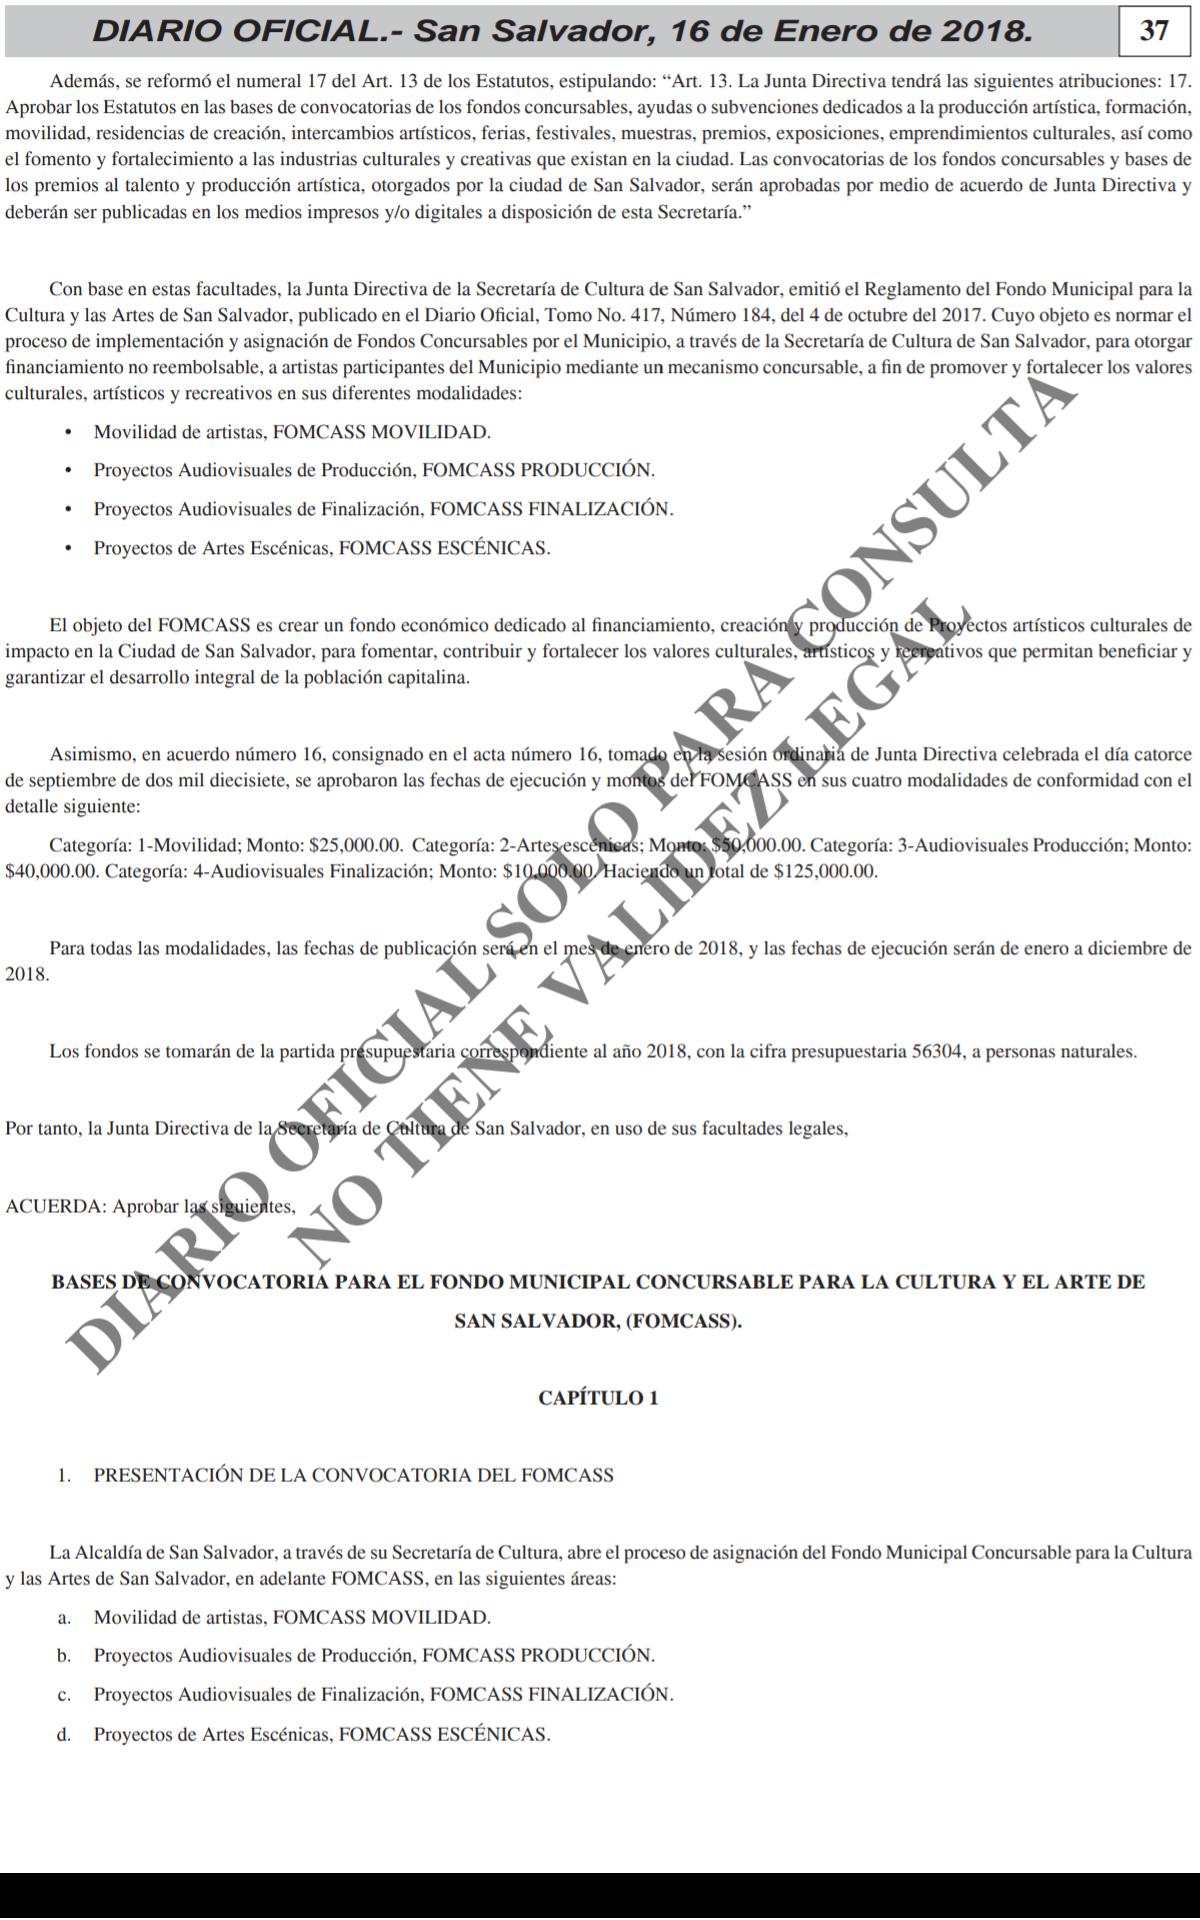 Referencia 2, 4 y 5 Foto: La Crónica SV/Dominio Publico